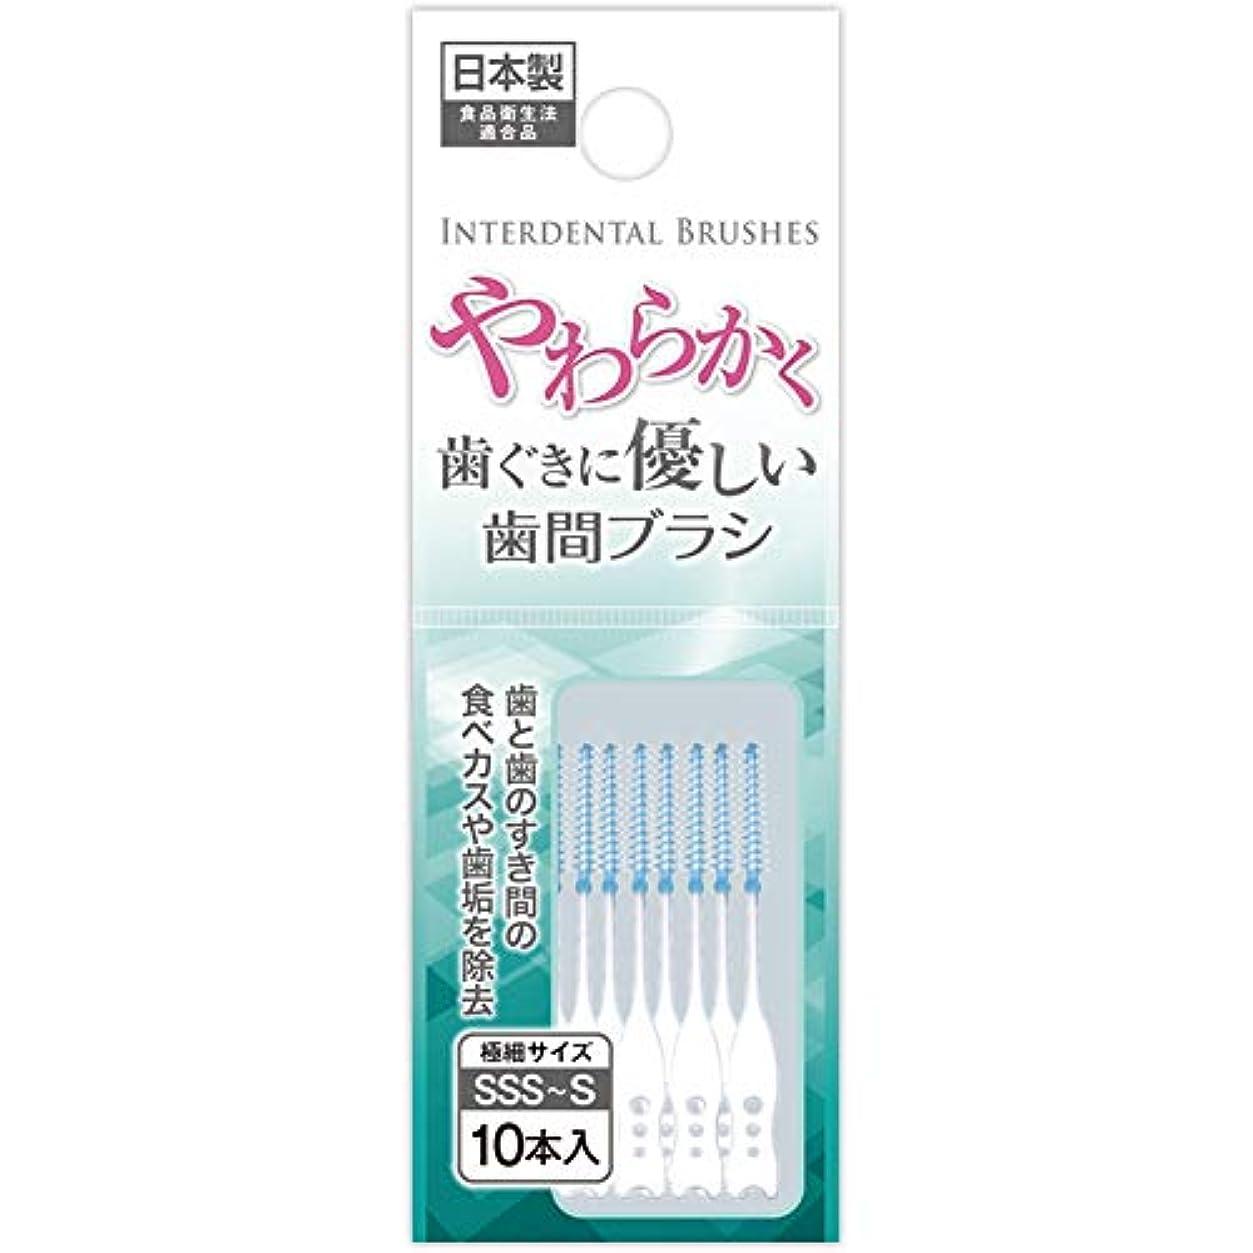 テナント褒賞バイナリ柔らかく優しい歯間ブラシSSS~S10本入 日本製 41-288【まとめ買い12個セット】